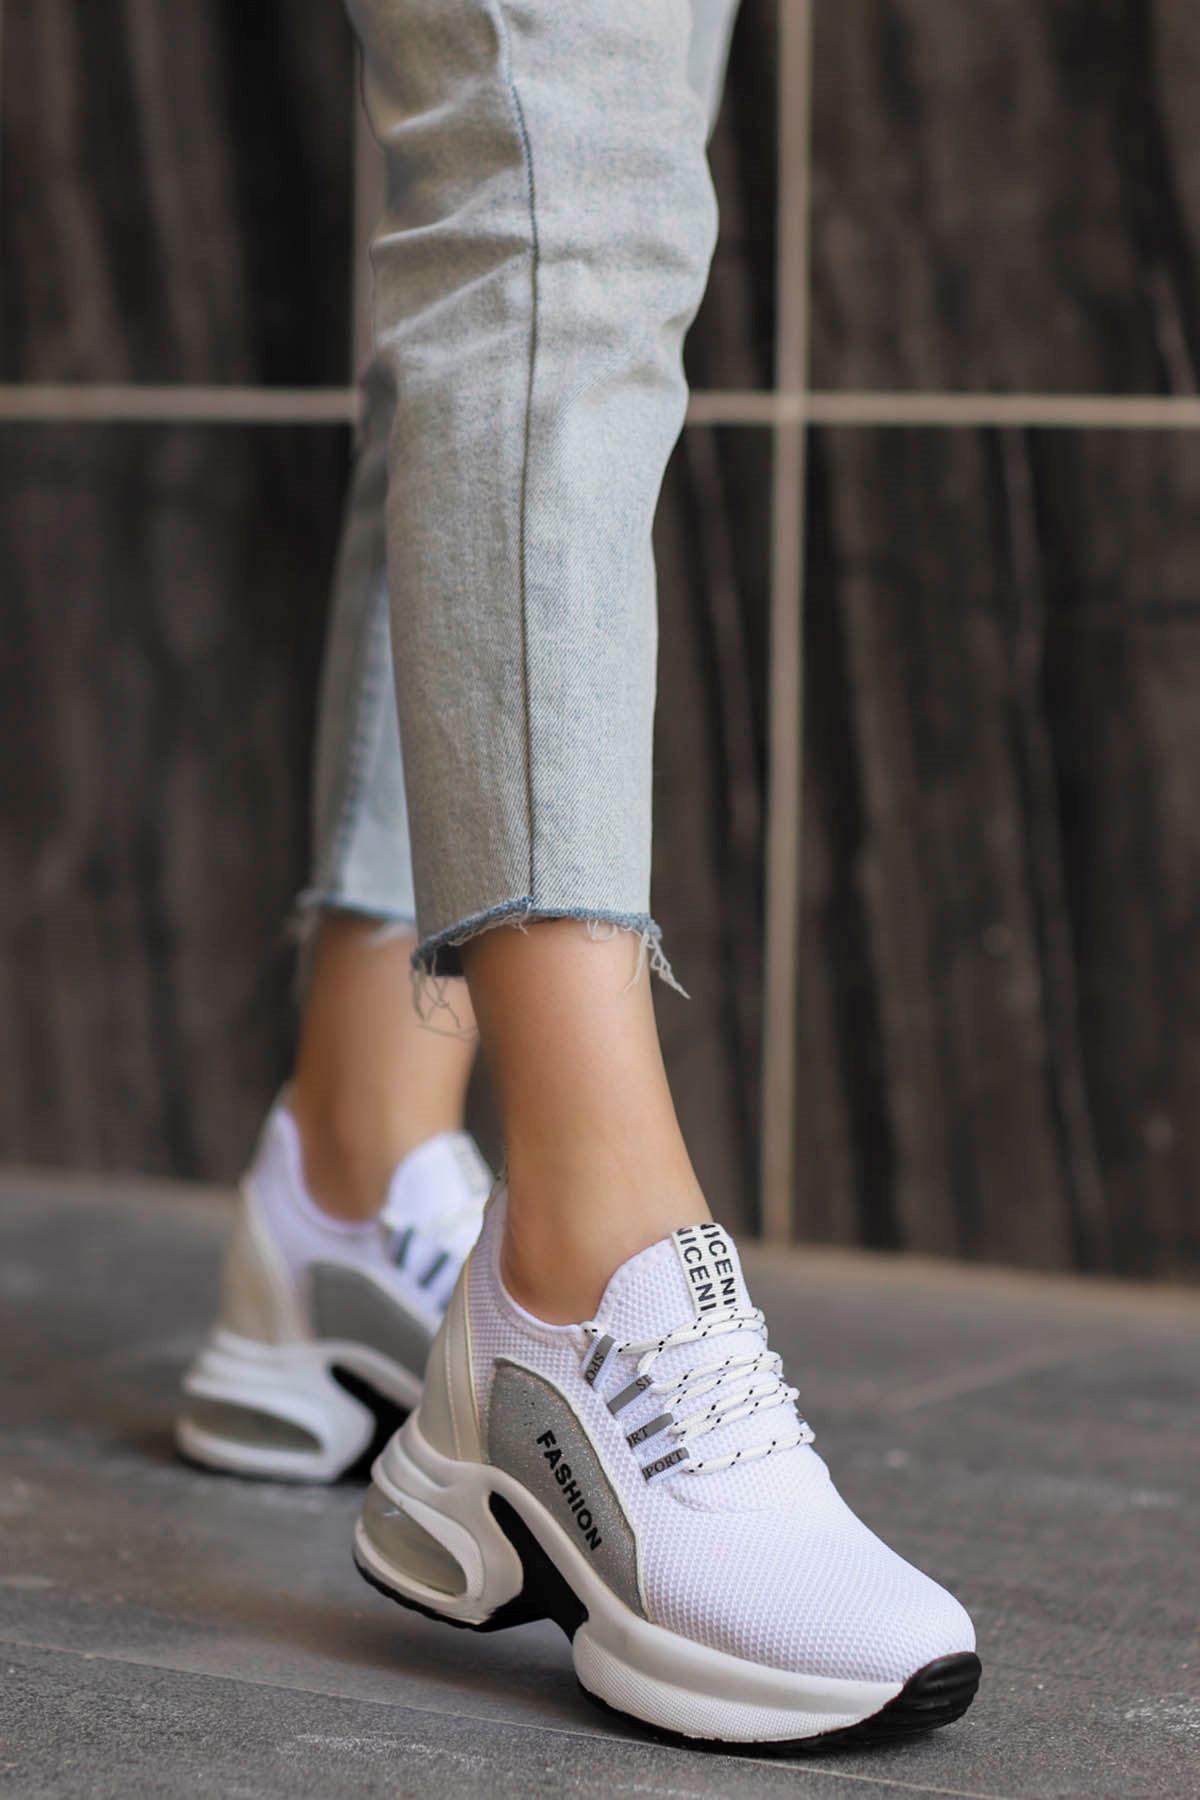 Frm-072 Air Taban Spor Ayakkabı Beyaz